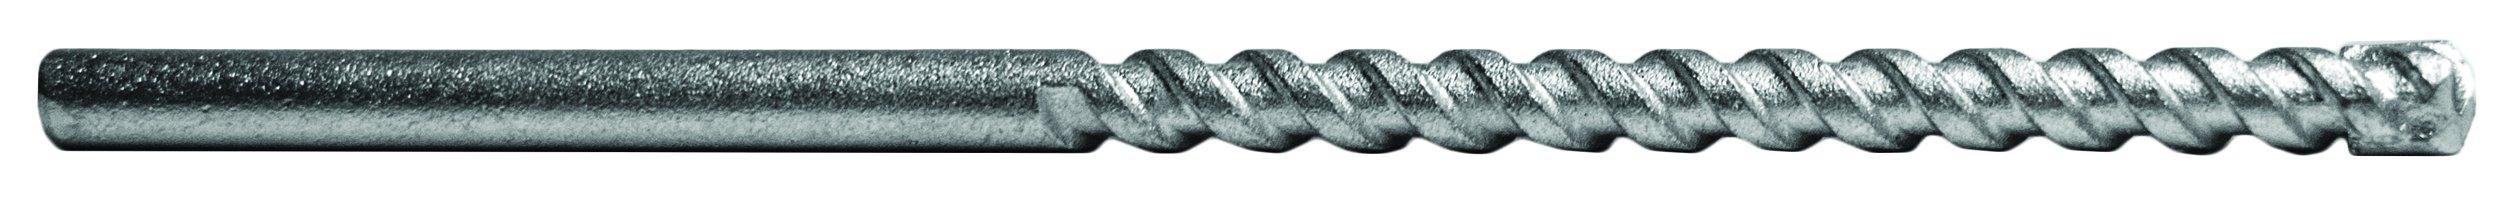 """Century Drill & Tool 84408 Fast Spiral Masonry Drill Bit, 1/8"""" x 3"""""""